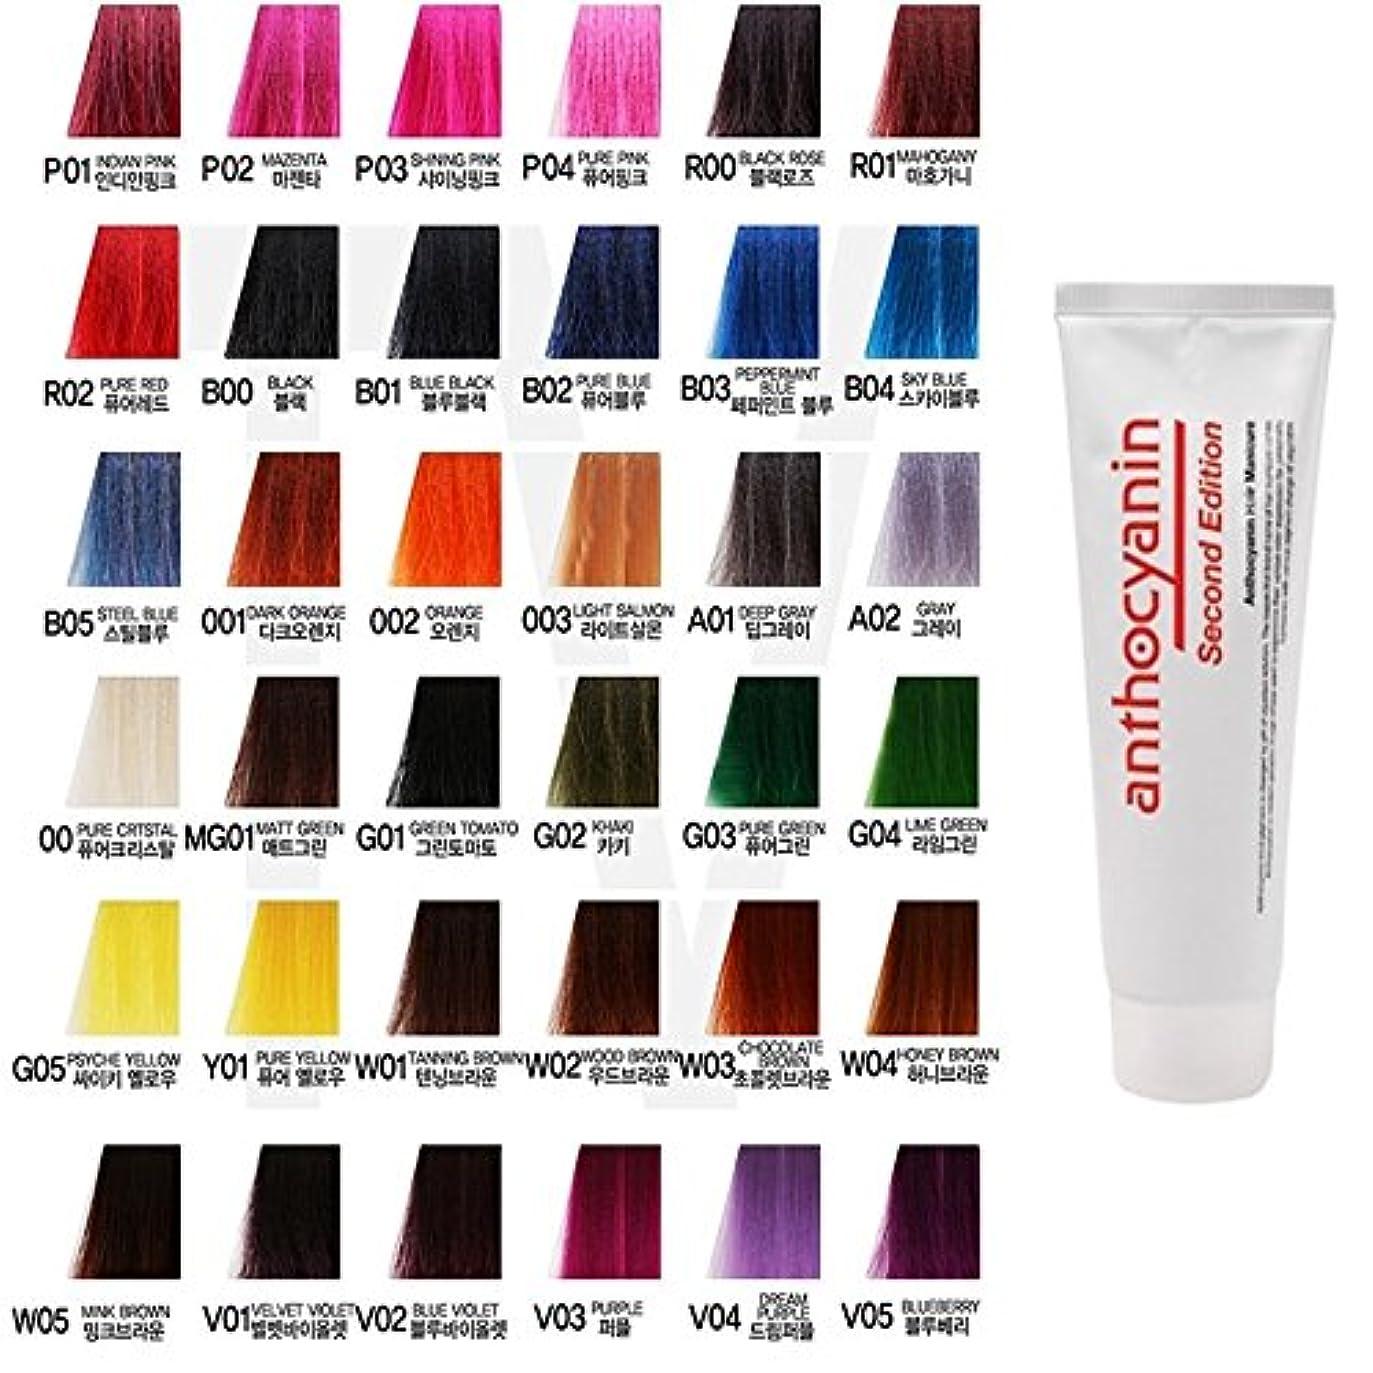 平凡ファントム世代ヘア マニキュア カラー セカンド エディション 230g セミ パーマネント 染毛剤 ( Hair Manicure Color Second Edition 230g Semi Permanent Hair Dye)...